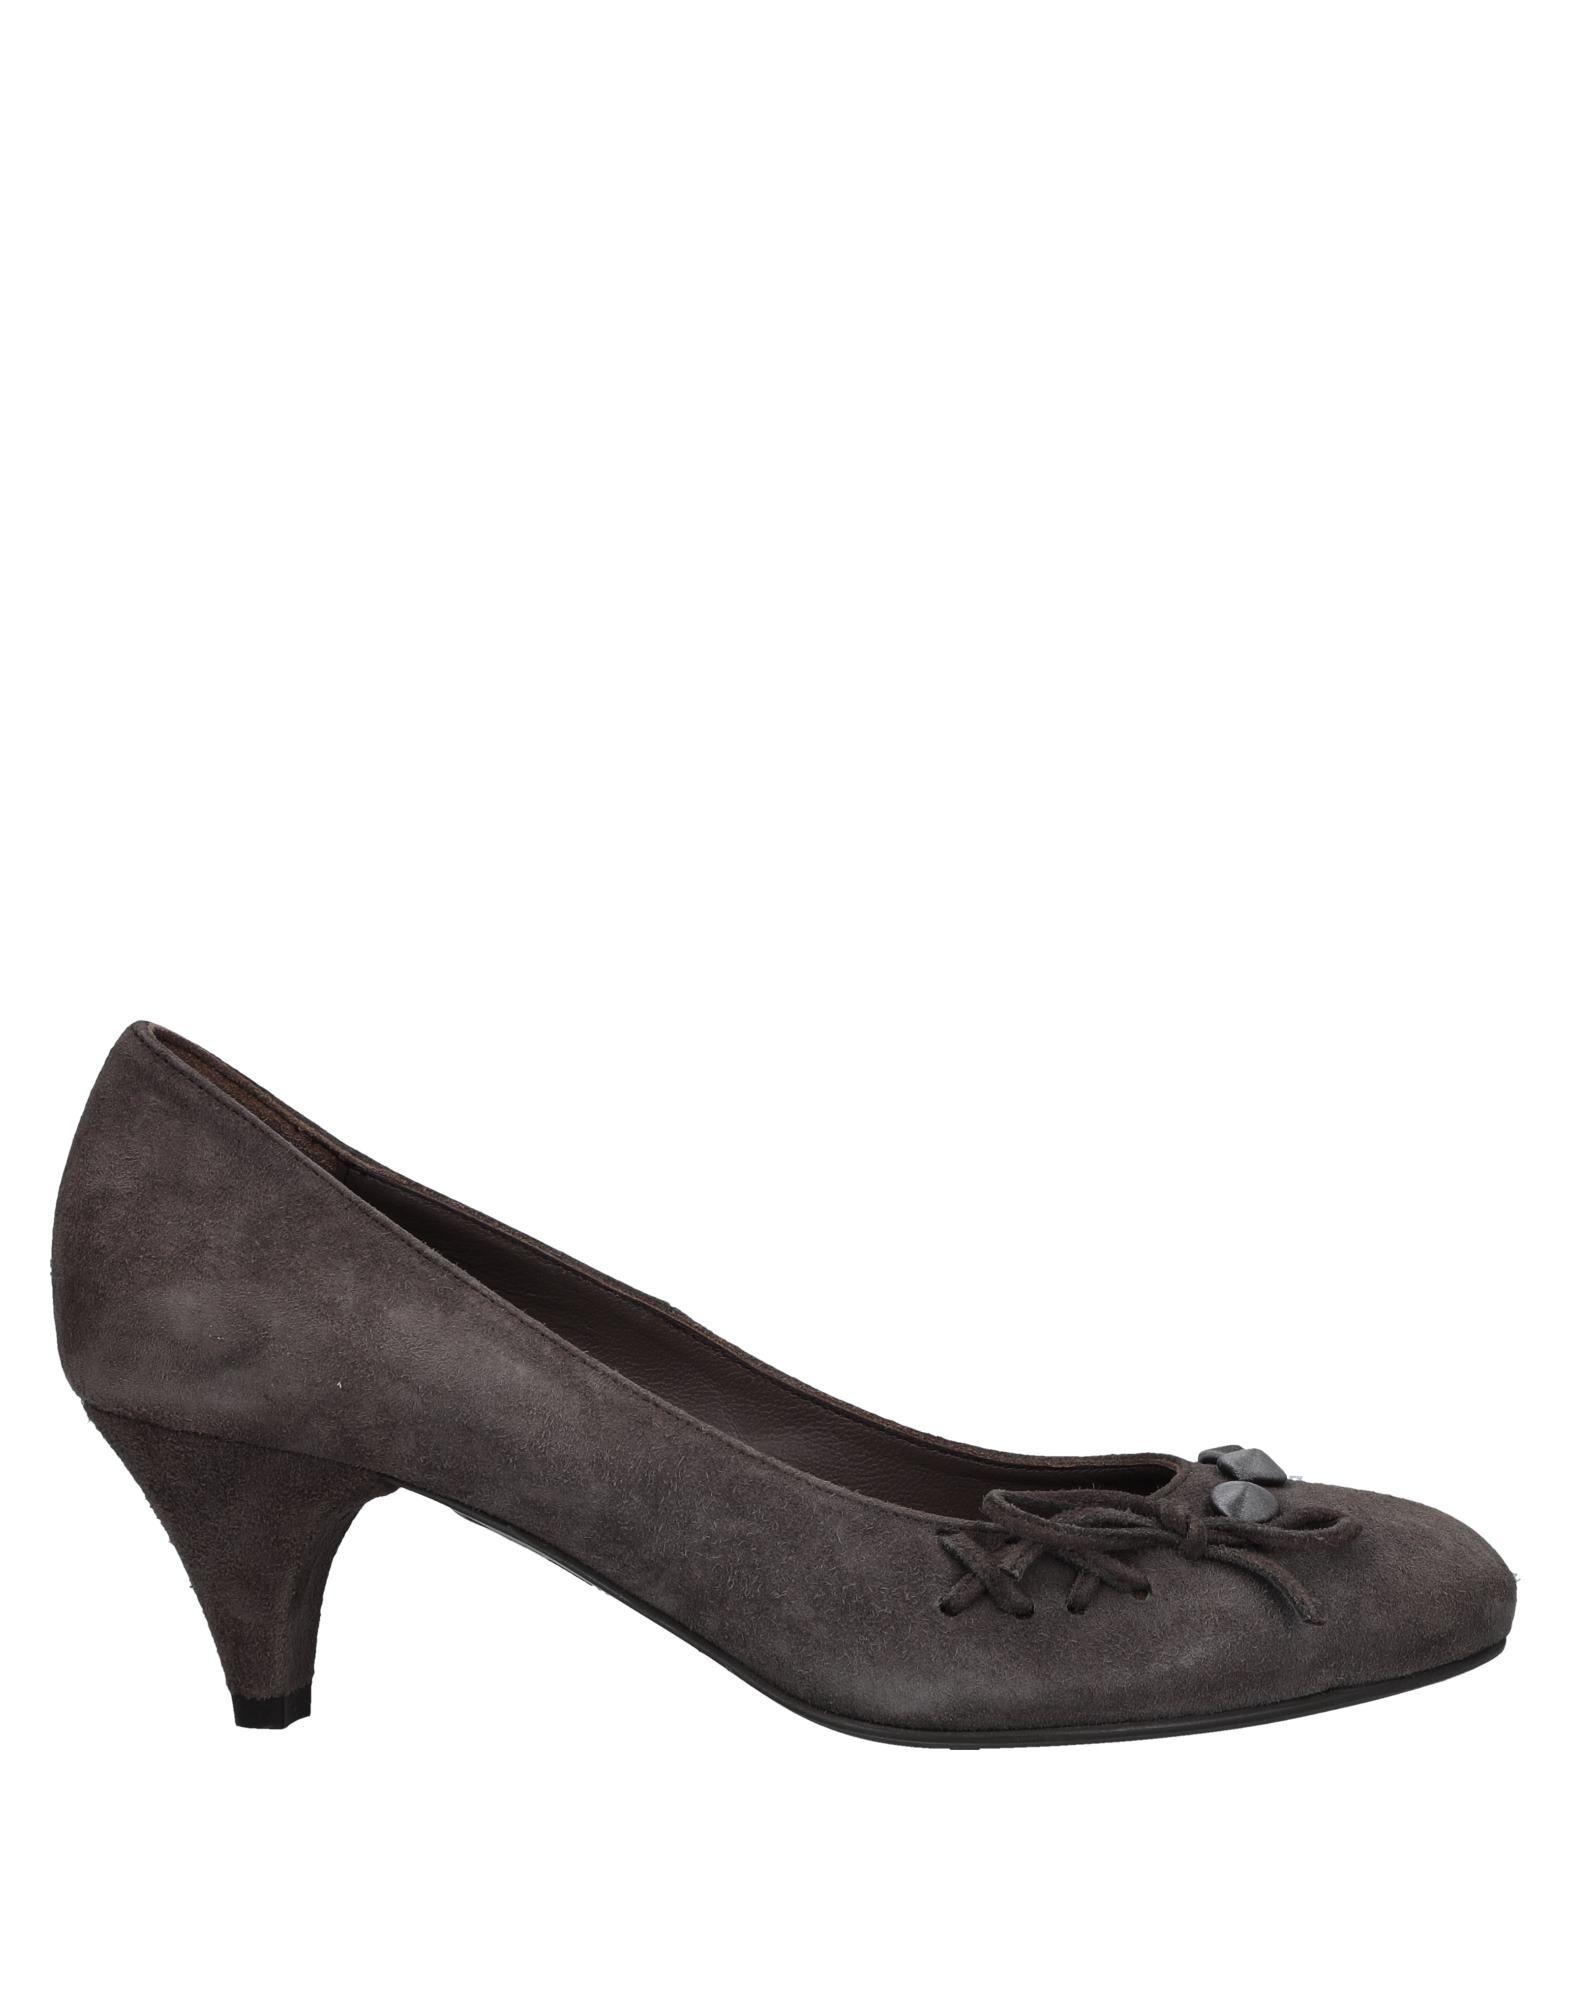 Giancarlo Paoli Pumps Damen 11527913TA Gute Qualität beliebte Schuhe